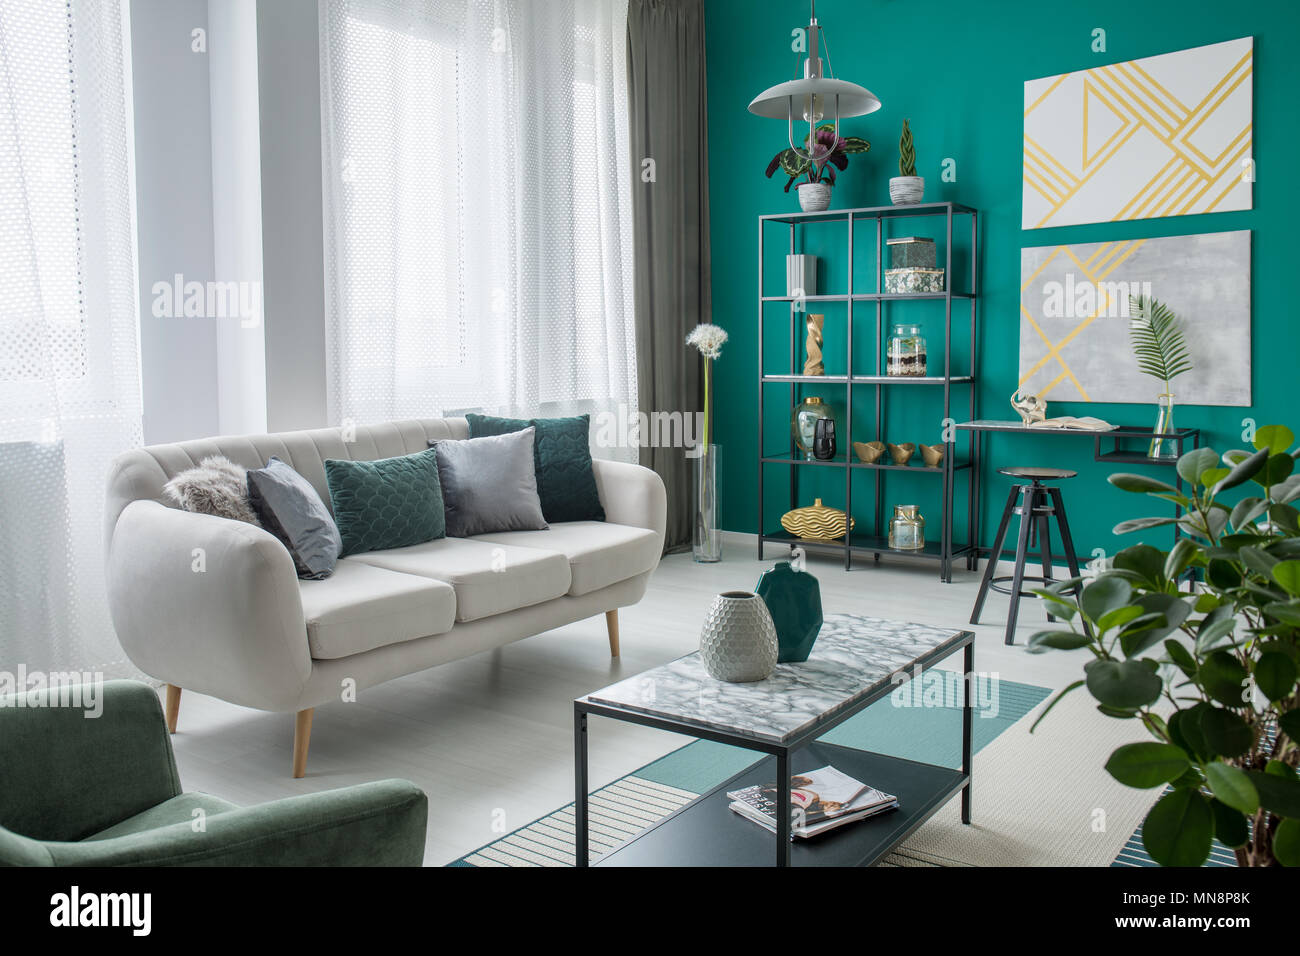 Pareti Soggiorno Beige : Il beige divano nel soggiorno accogliente con interni dipinti in